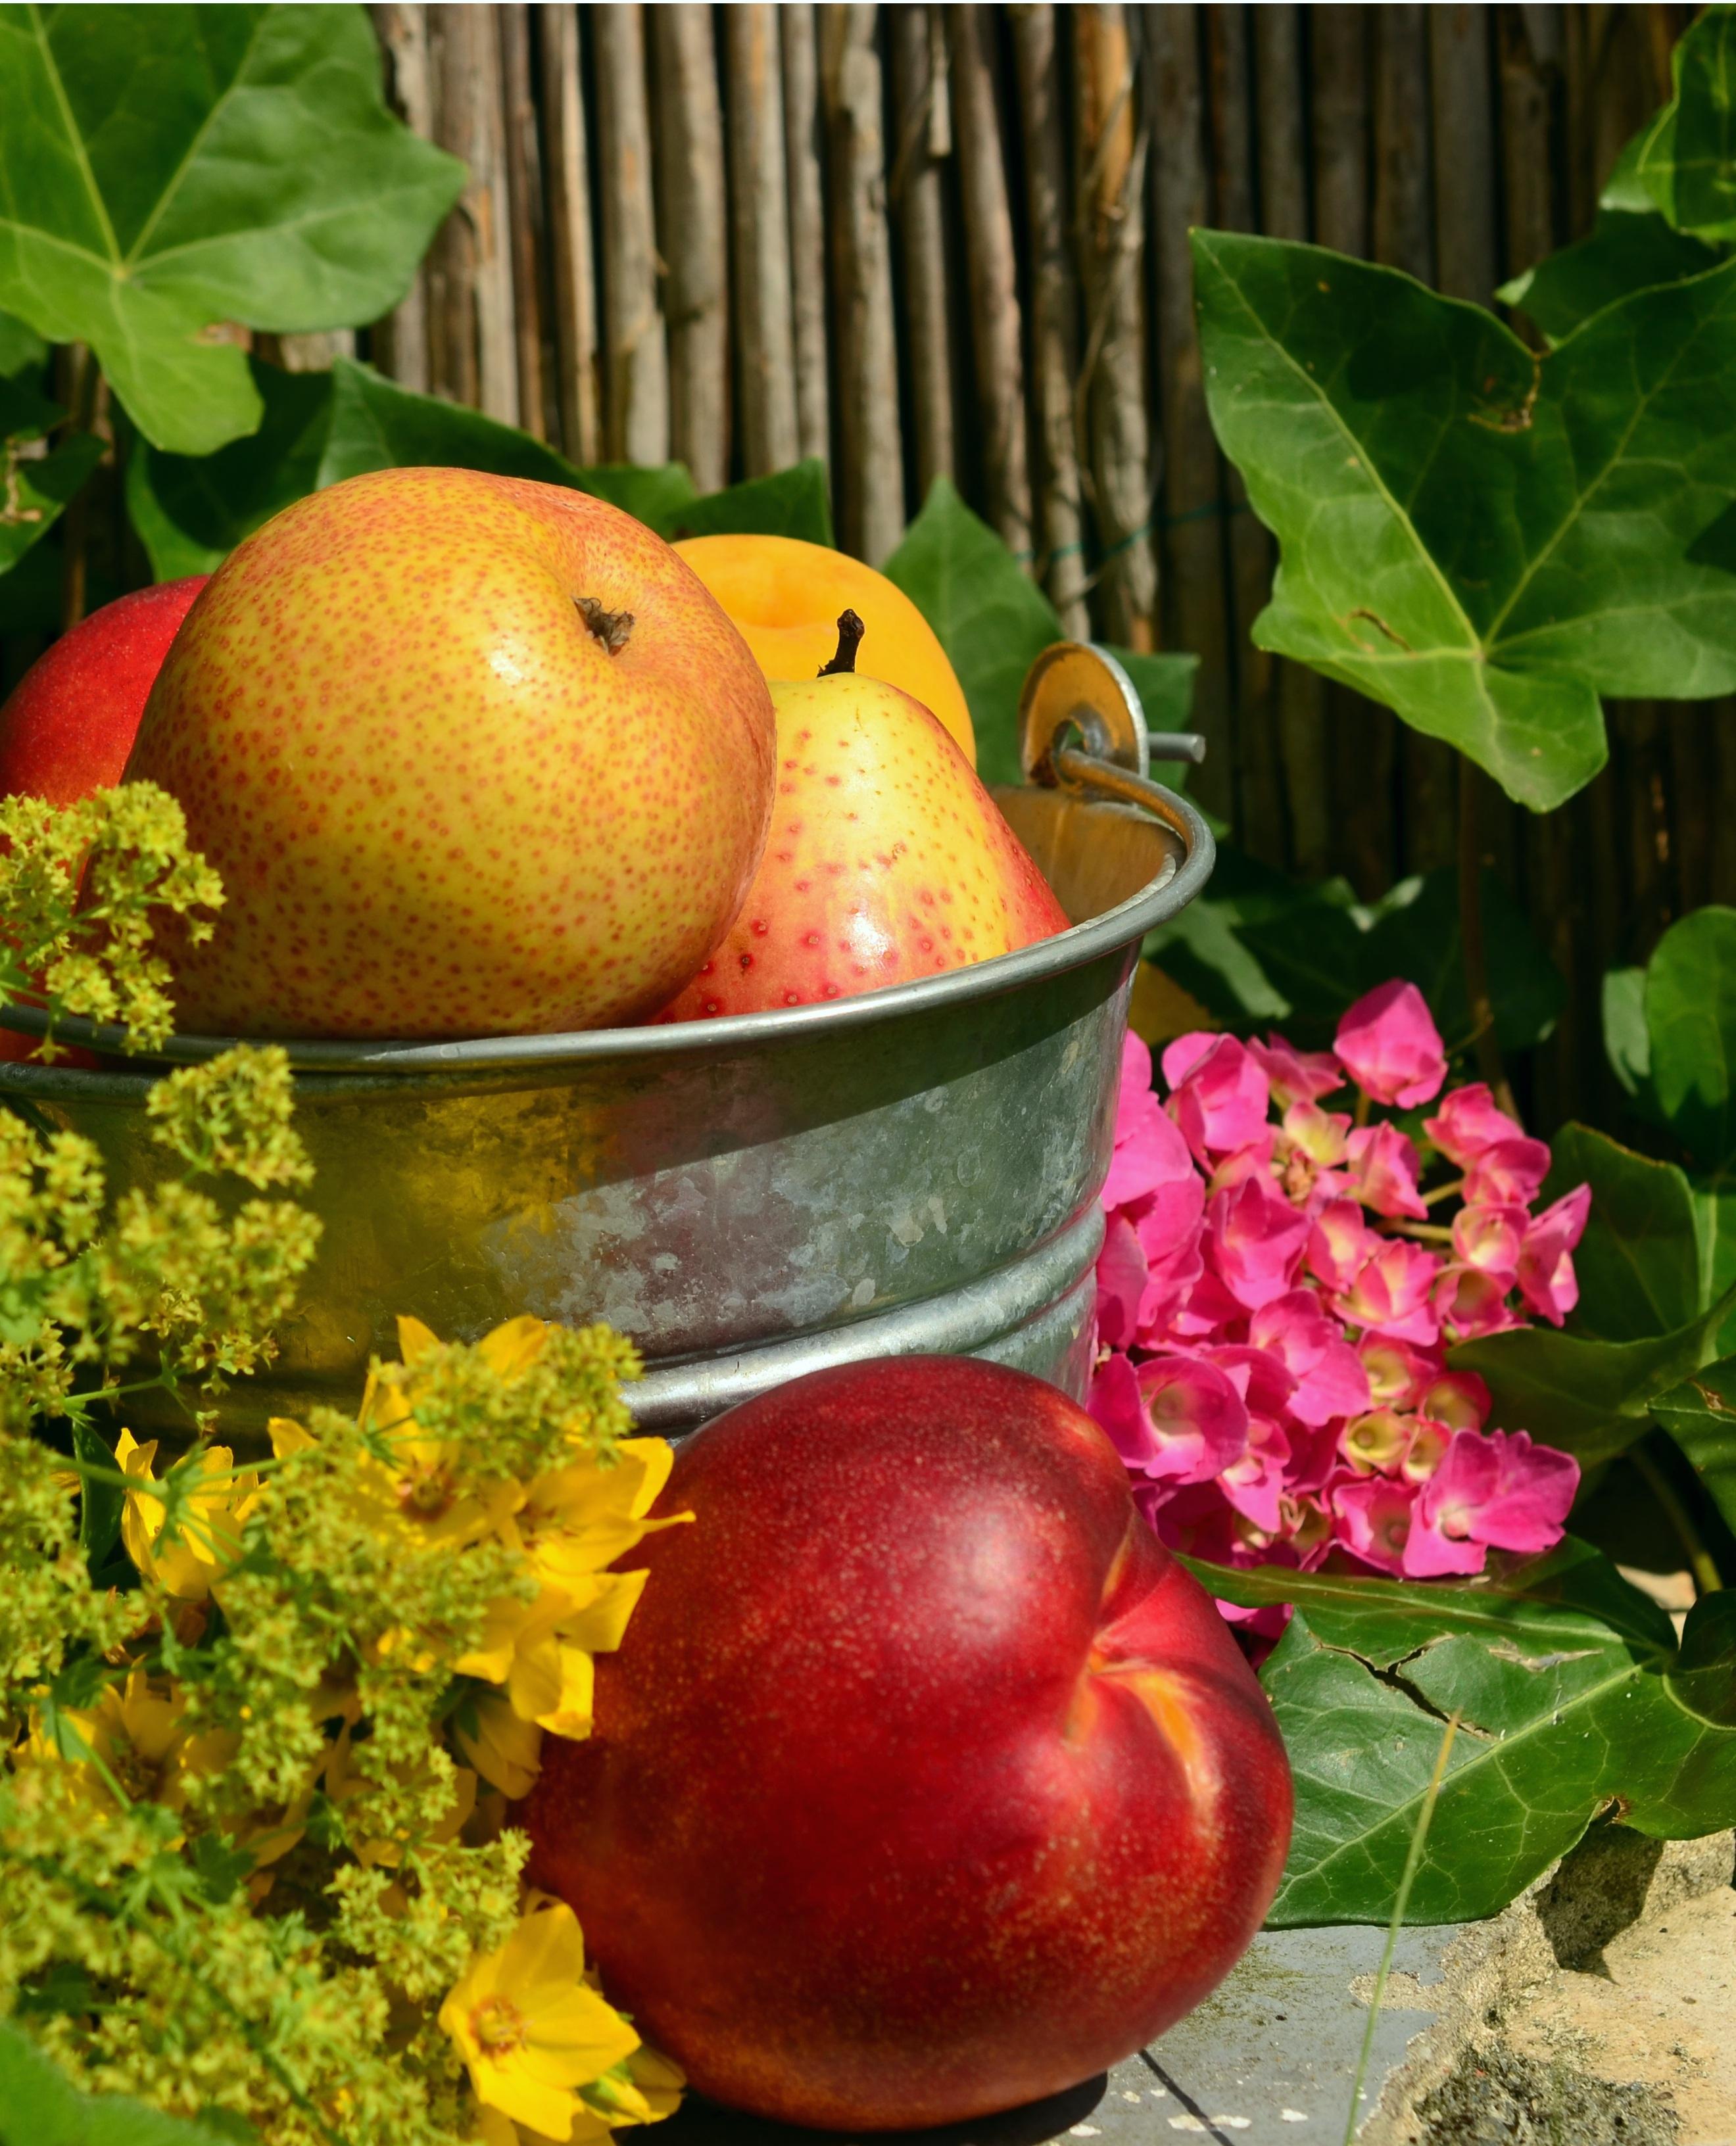 Kostenlose foto : Apfel, Frucht, Blume, Sommer-, Lebensmittel ...